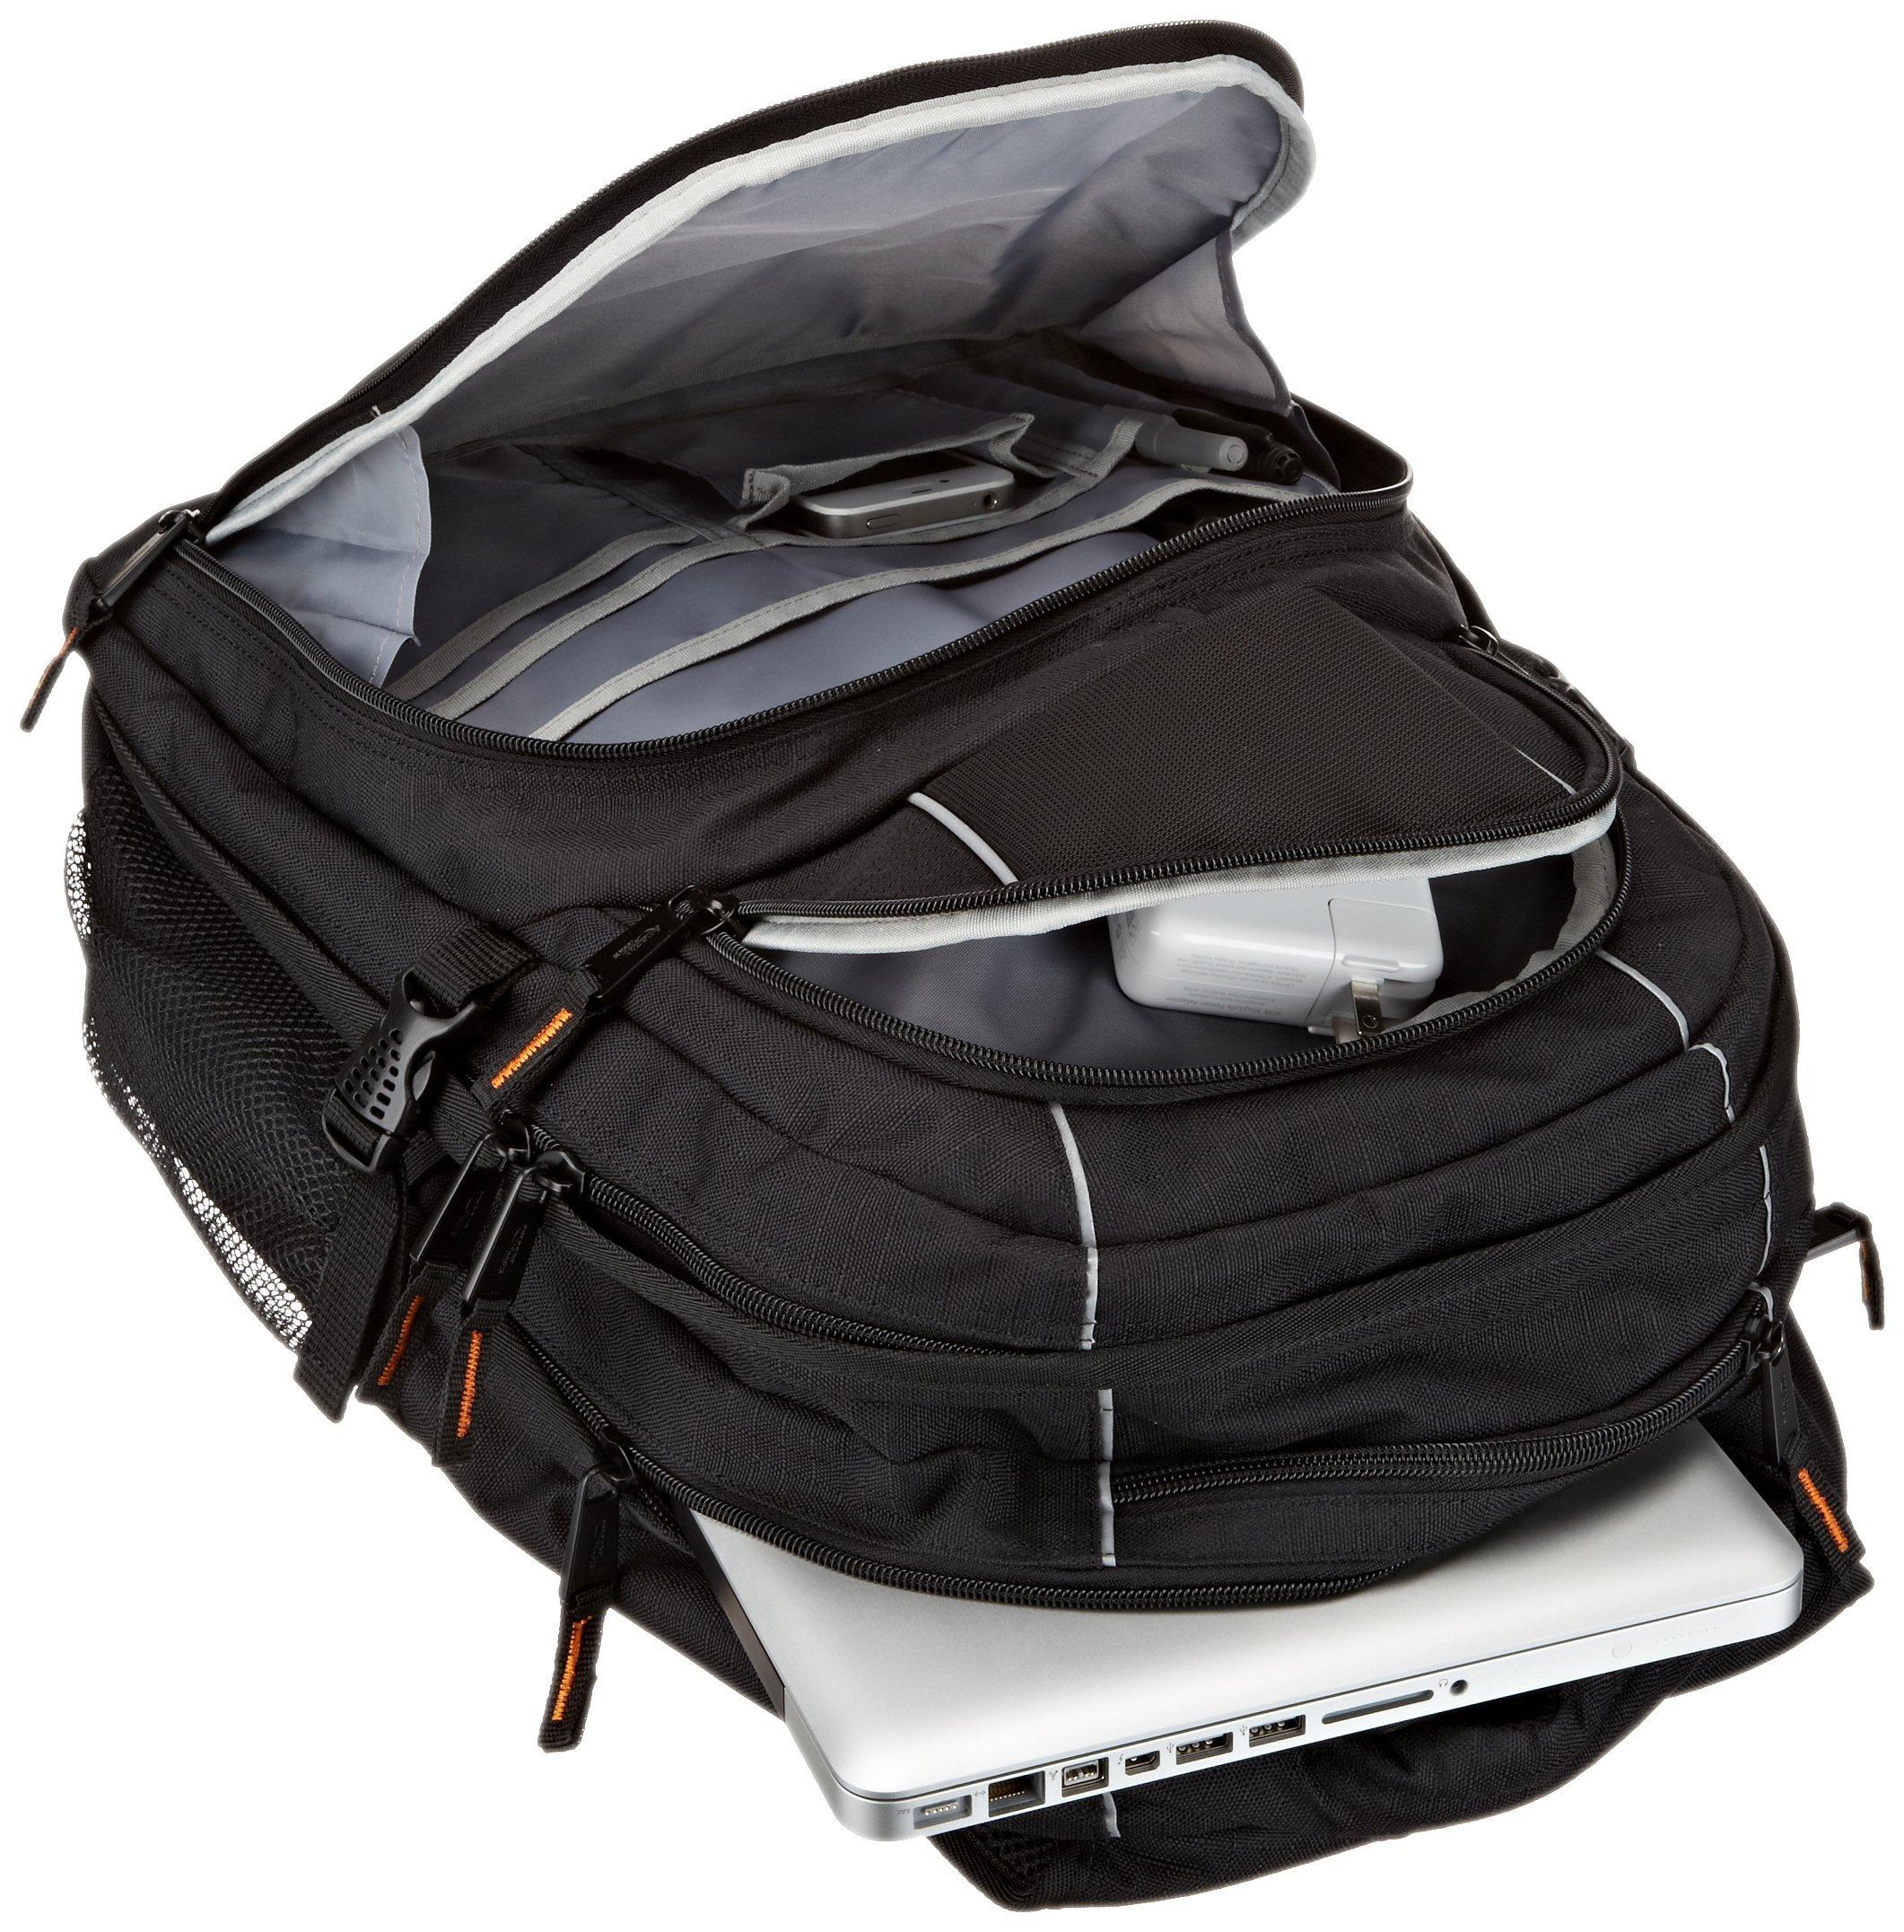 AmazonBasics Backpack for Laptops up to 17-inches by AmazonBasics (Image #6)